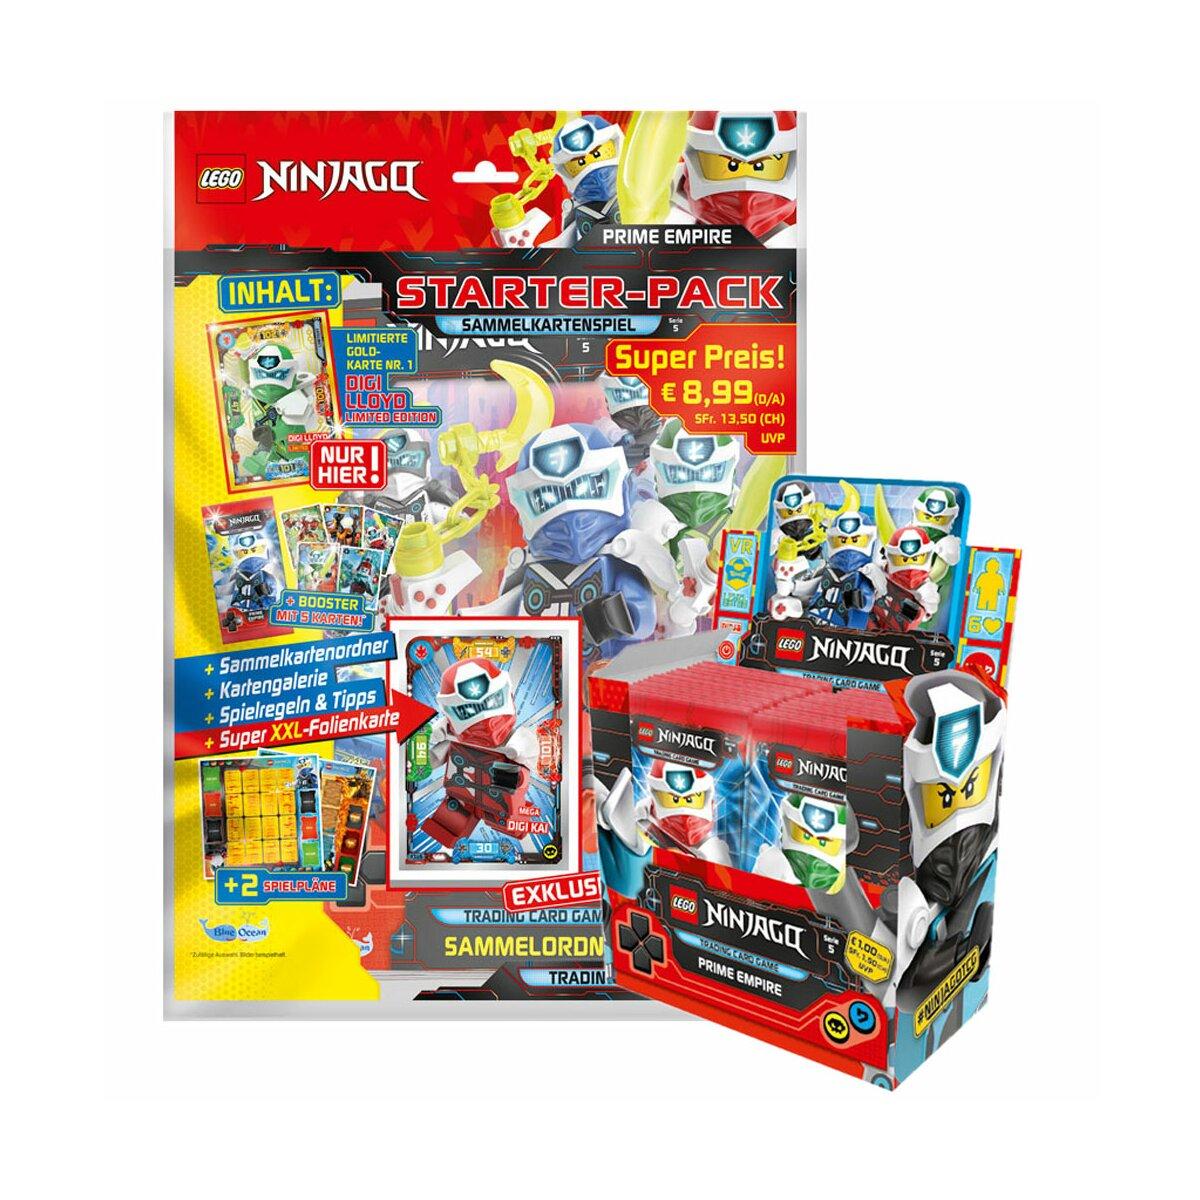 Serie 5 Starterpack LEGO NINJAGO TCG 5 Booster Sammelmappe 2020